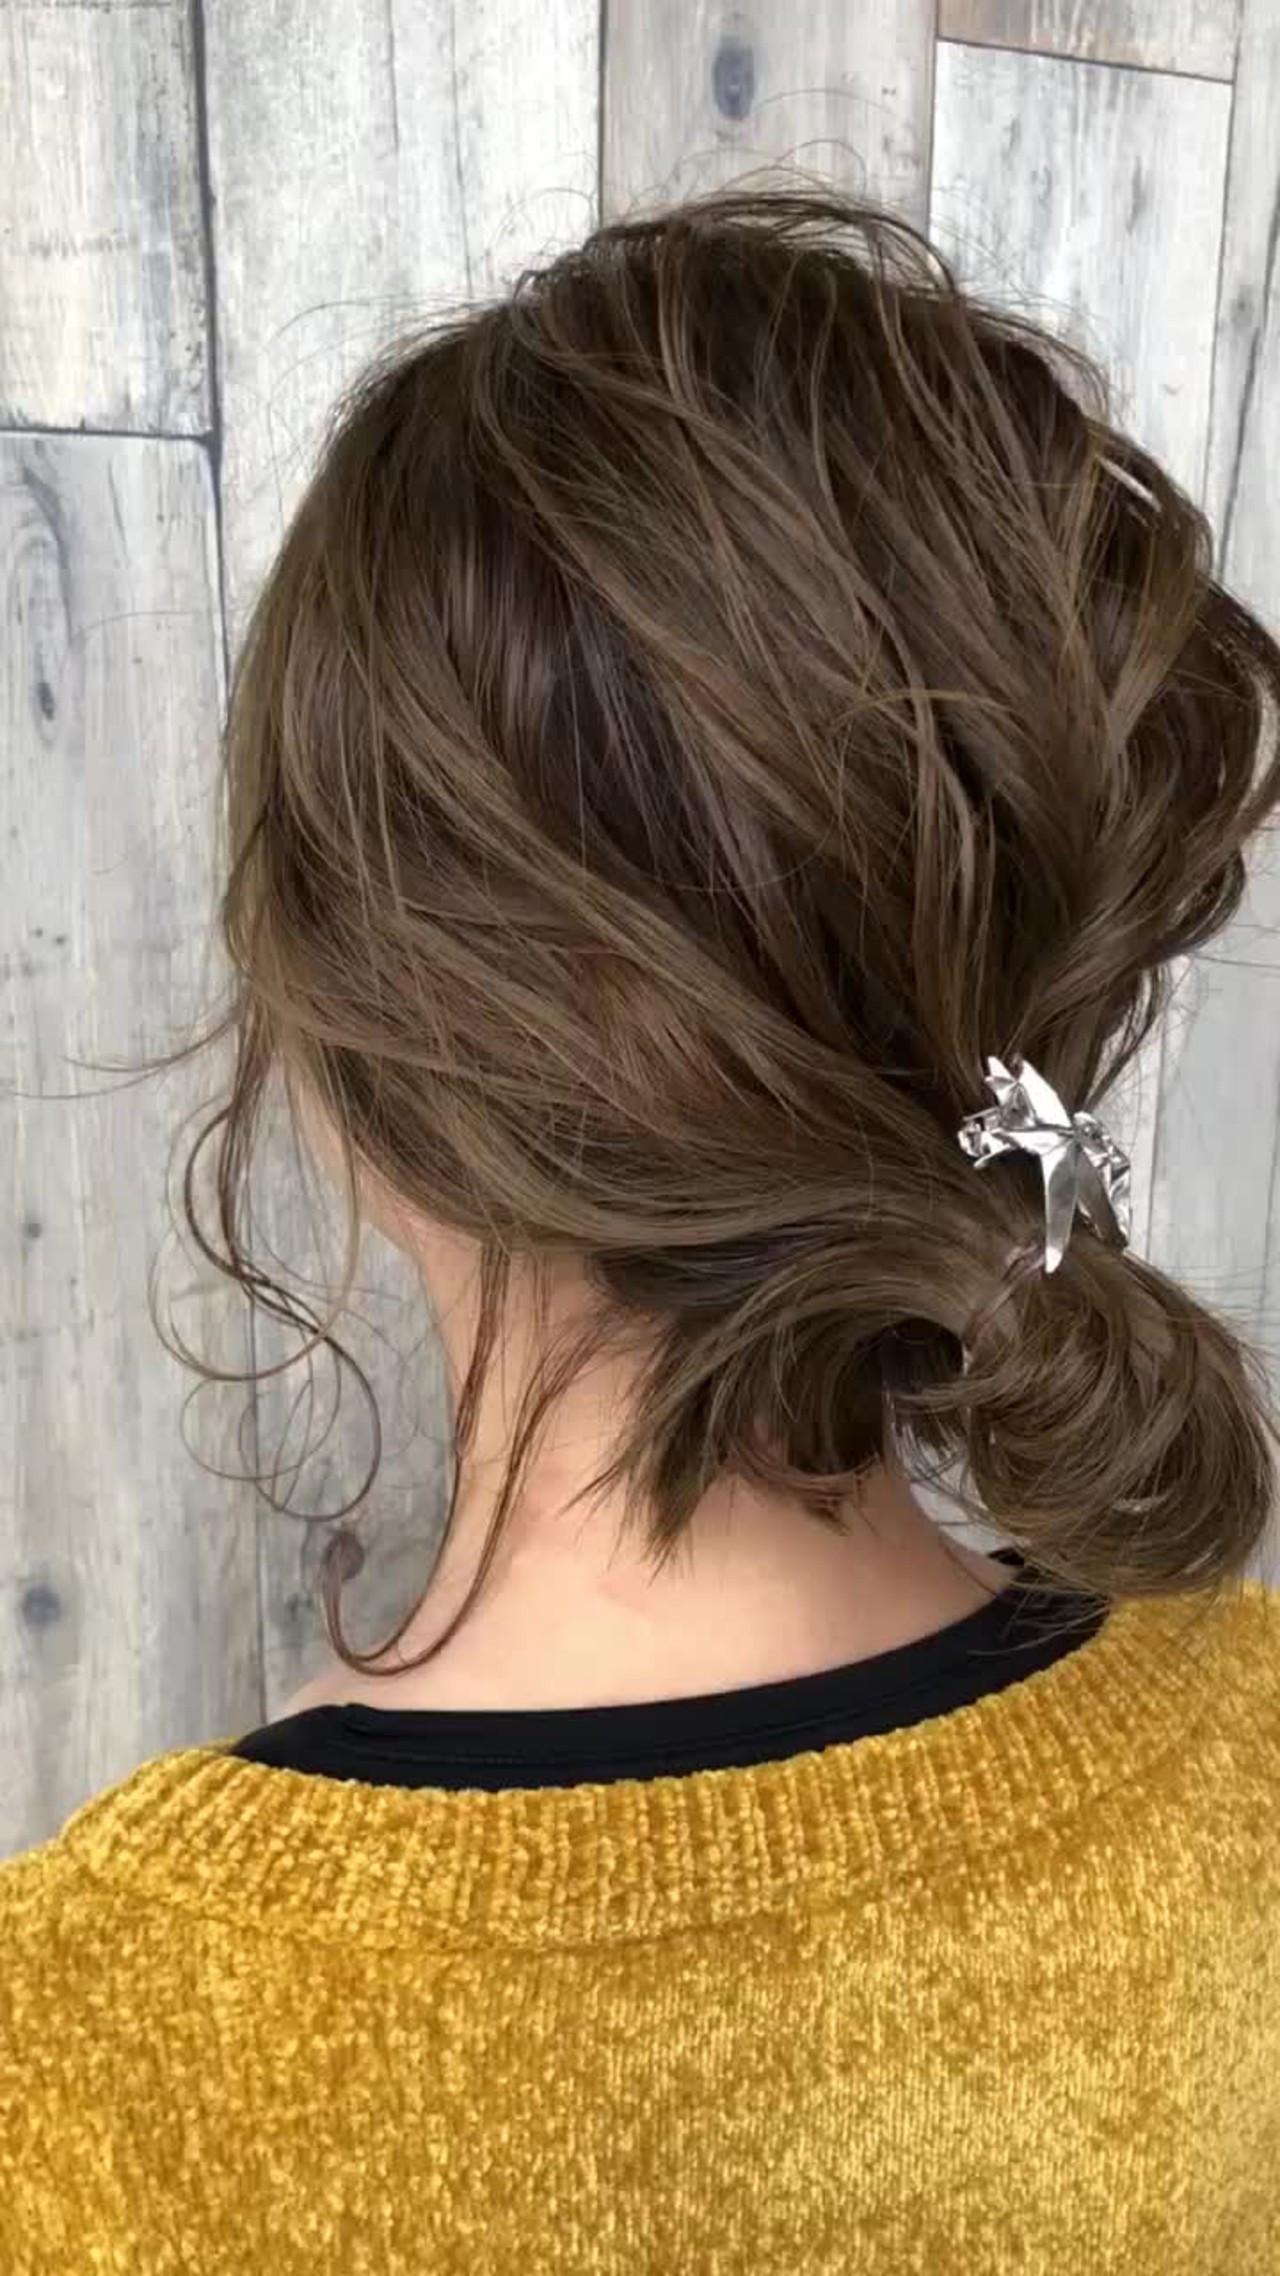 簡単ヘアアレンジ お団子 イルミナカラー ナチュラル ヘアスタイルや髪型の写真・画像